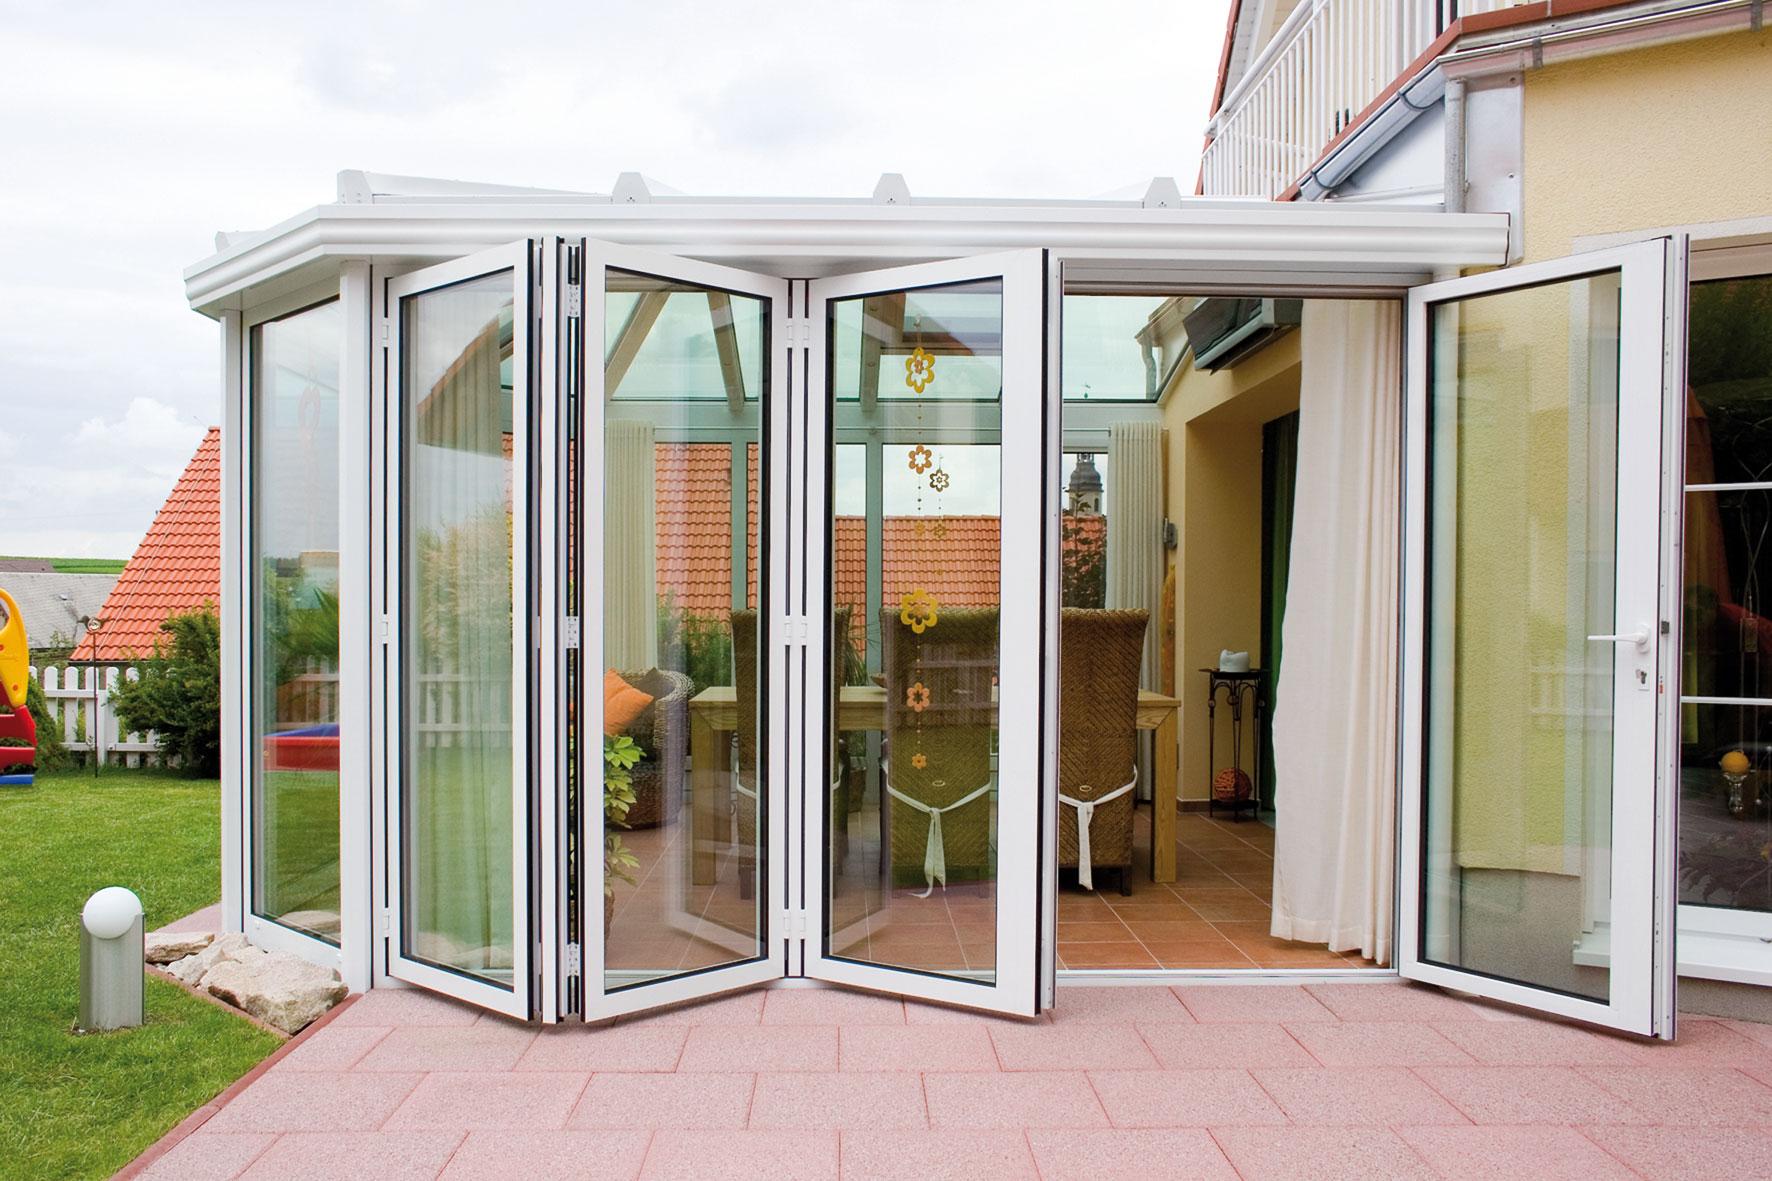 La migliore protezione antifurto per la veranda